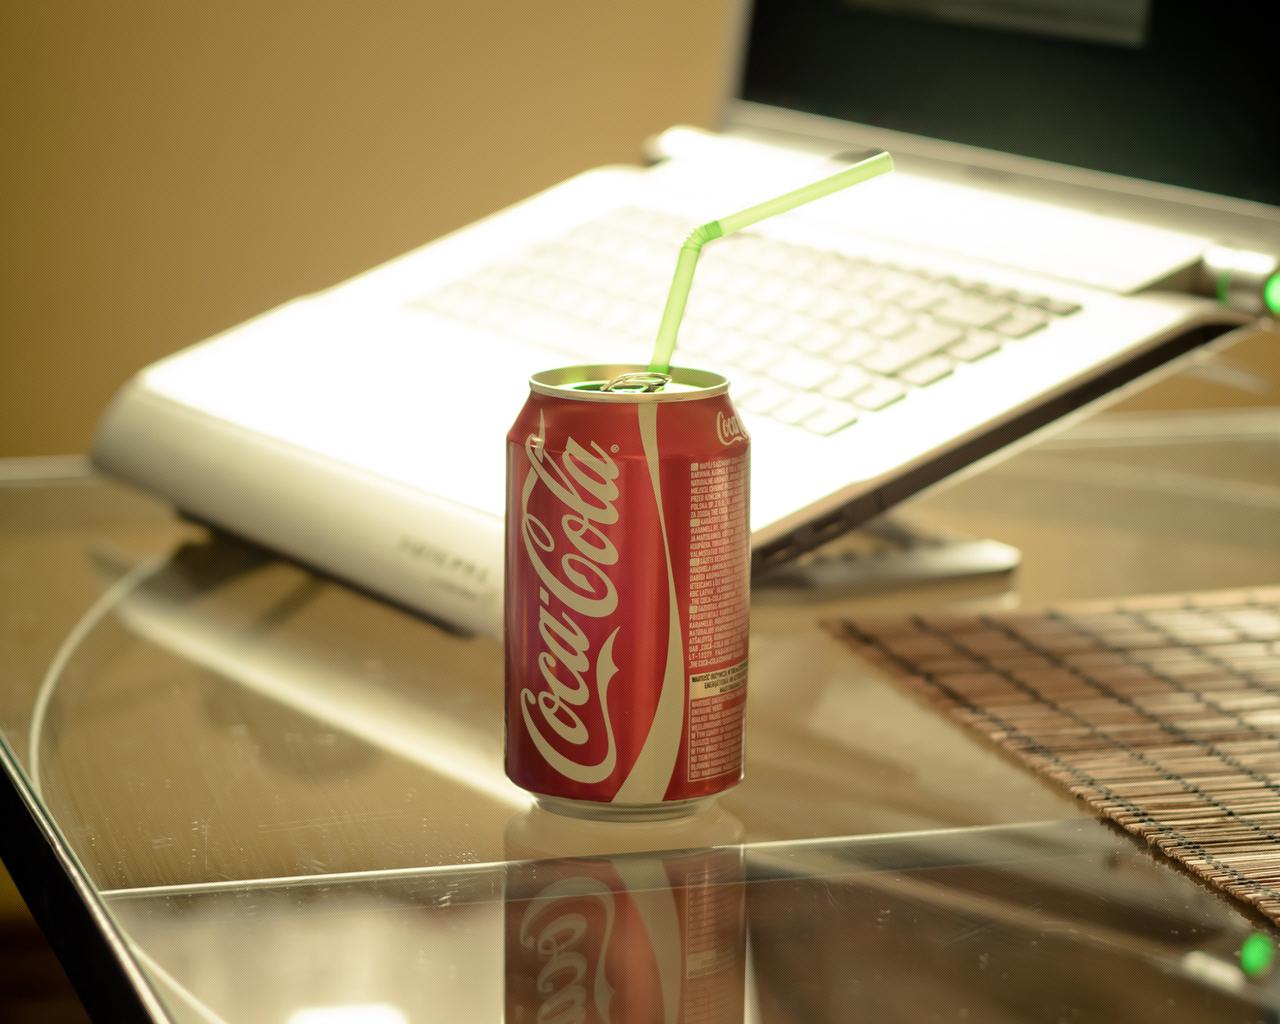 12516 Hintergrundbild herunterladen Marken, Lebensmittel, Coca-Cola, Getränke - Bildschirmschoner und Bilder kostenlos